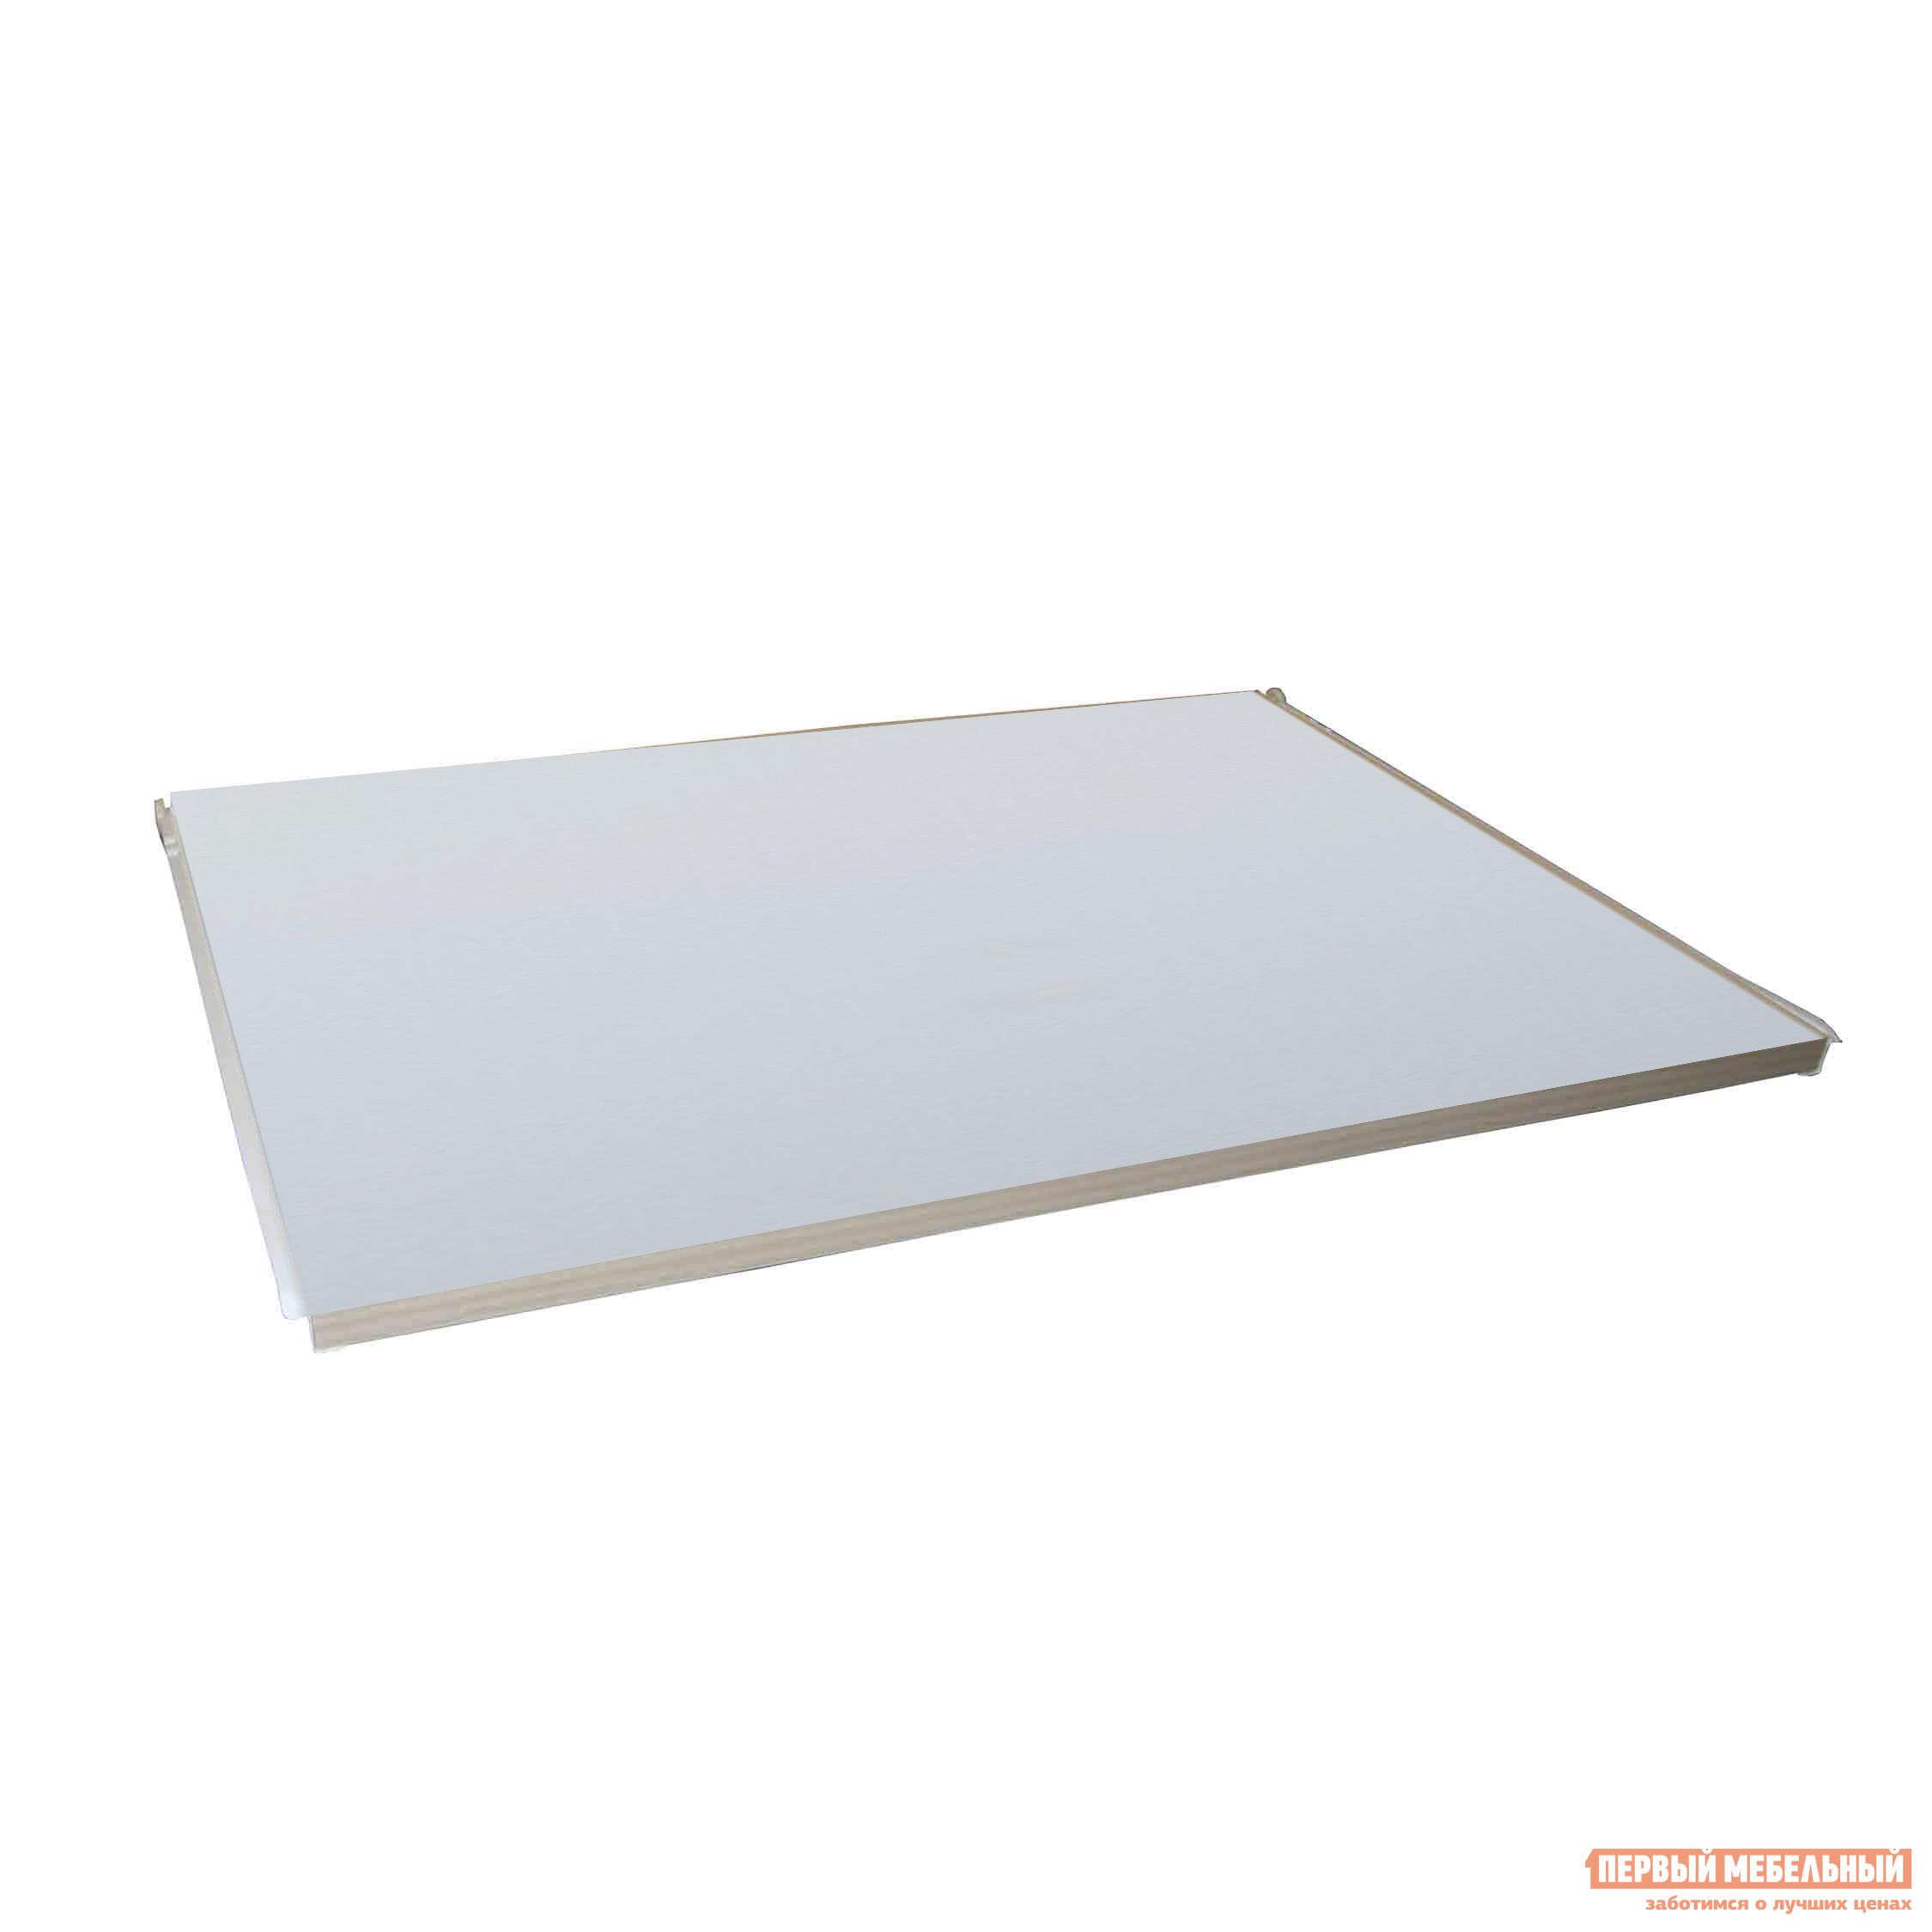 Полка под клавиатуру МО РОСТ Полка для клавиатуры Первой цены СерыйПолки под клавиатуру<br>Габаритные размеры ВхШхГ x640x448 мм. Стильная полка под клавиатуру поможет расширить полезную площадь стола. Материал изготовления — ЛДСП.<br><br>Цвет: Серый<br>Ширина мм: 640<br>Глубина мм: 448<br>Кол-во упаковок: 1<br>Форма поставки: В разобранном виде<br>Срок гарантии: 1 год